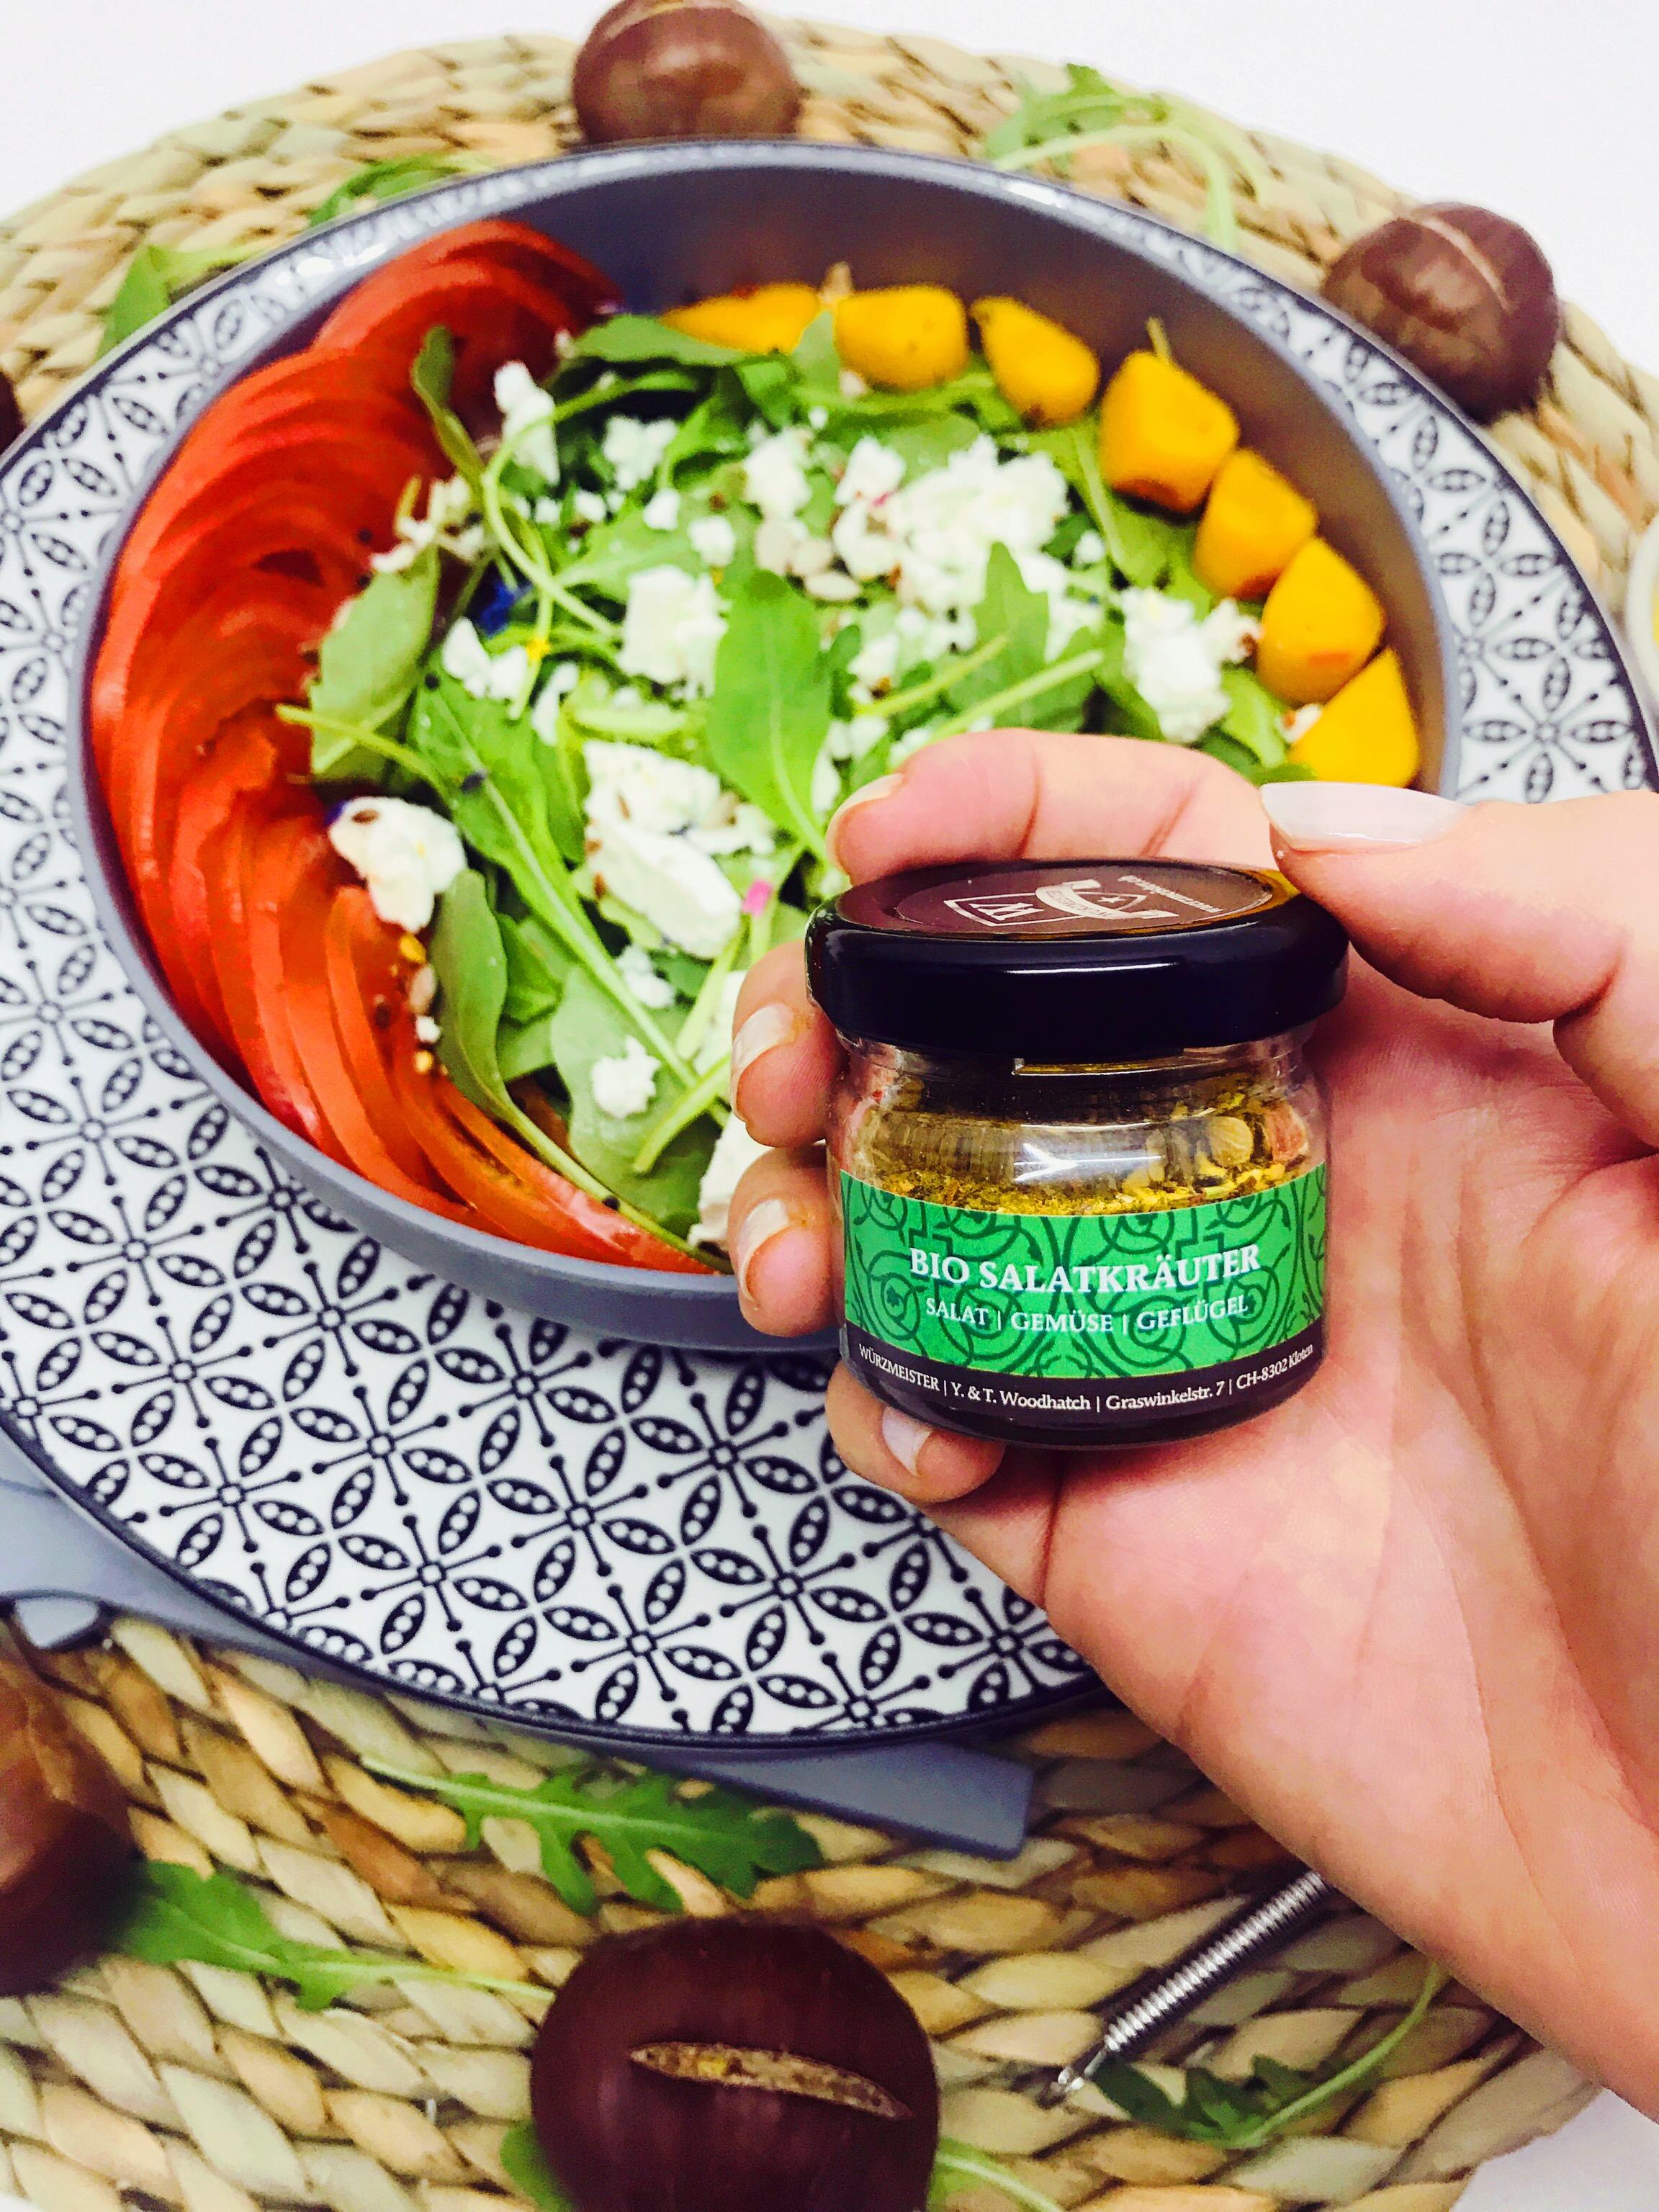 Herbstsalat mit Bio Salatkräutern von Würzmeistesr